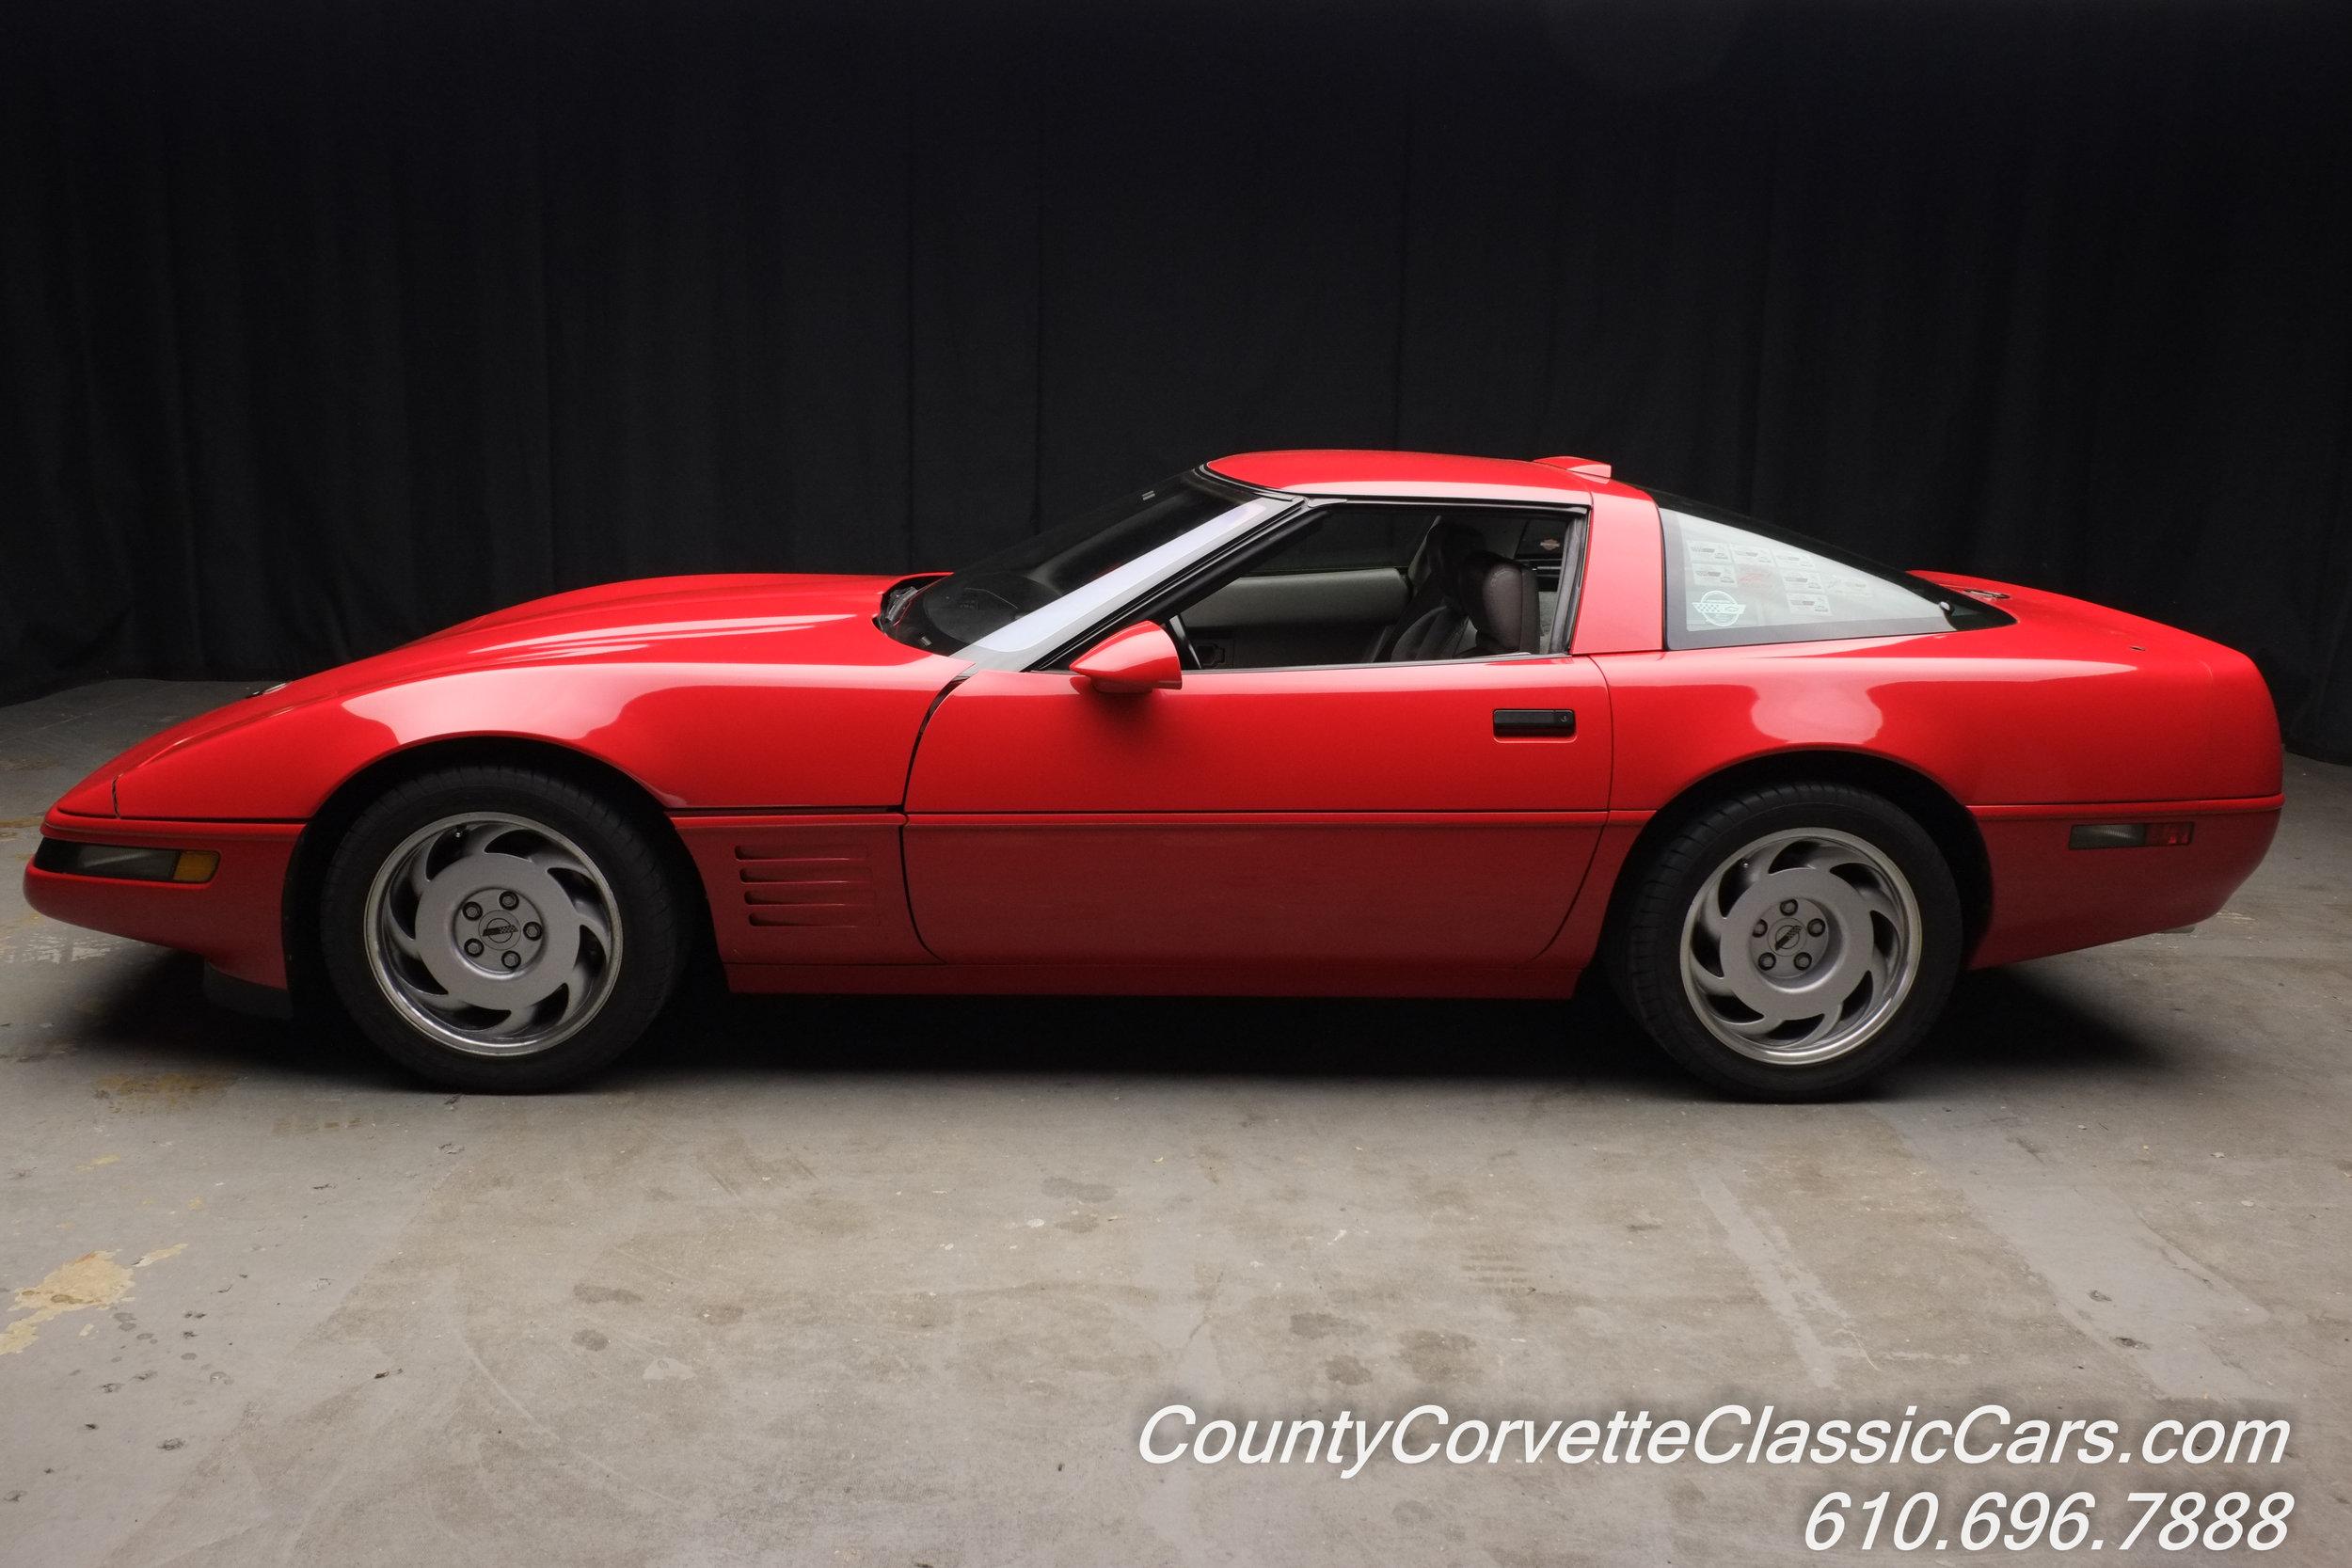 1991 Red Chevrolet Corvette